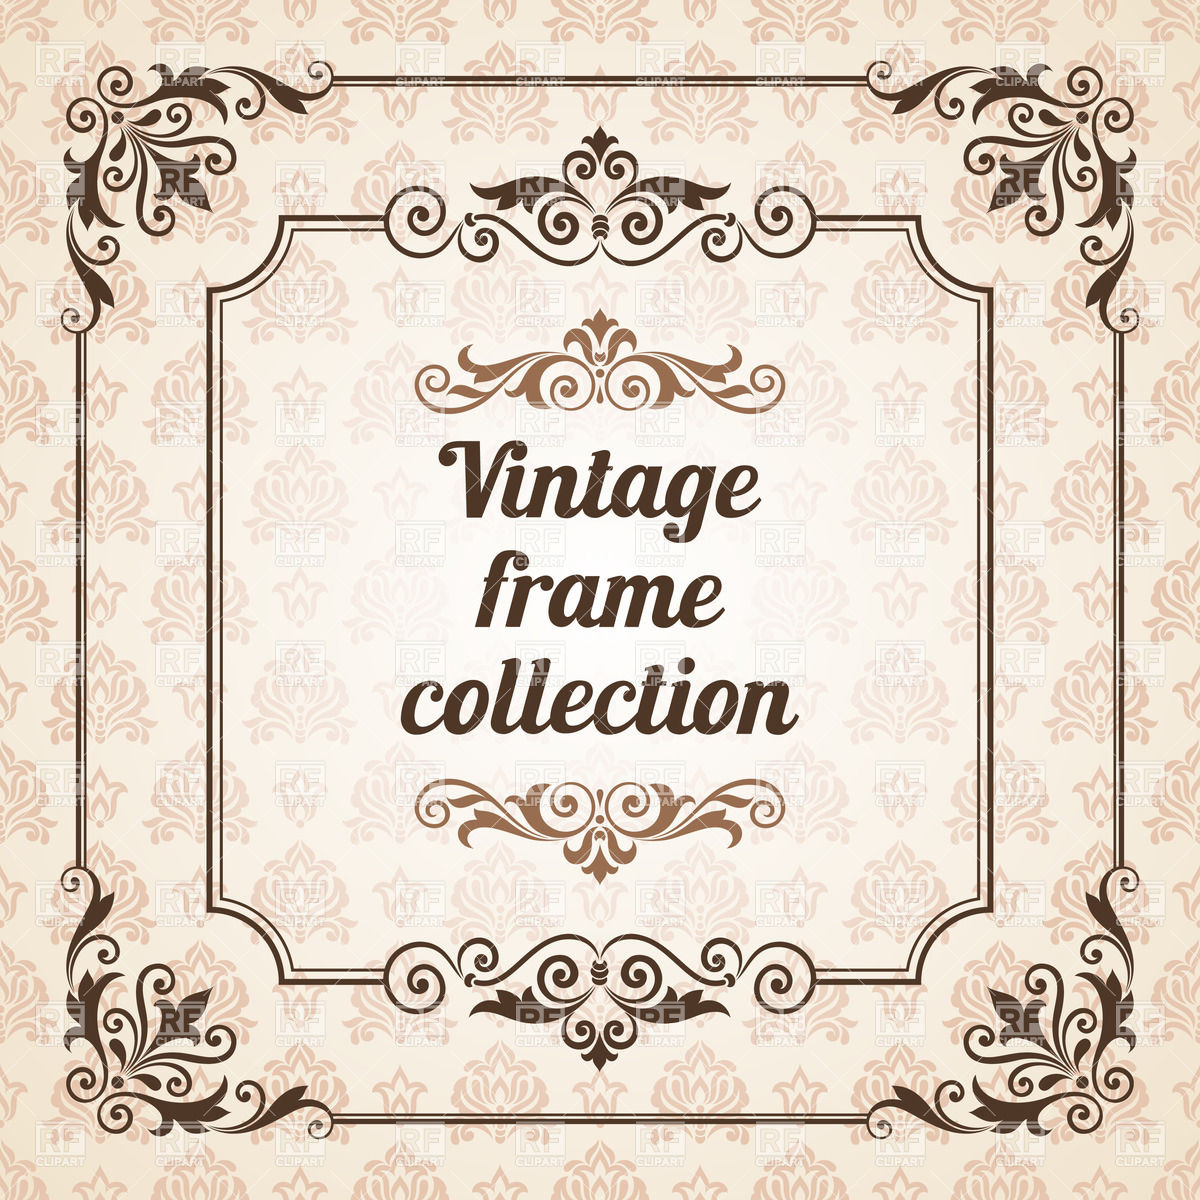 1200x1200 Vintage Frames And Design Elements Vector Image Vector Artwork